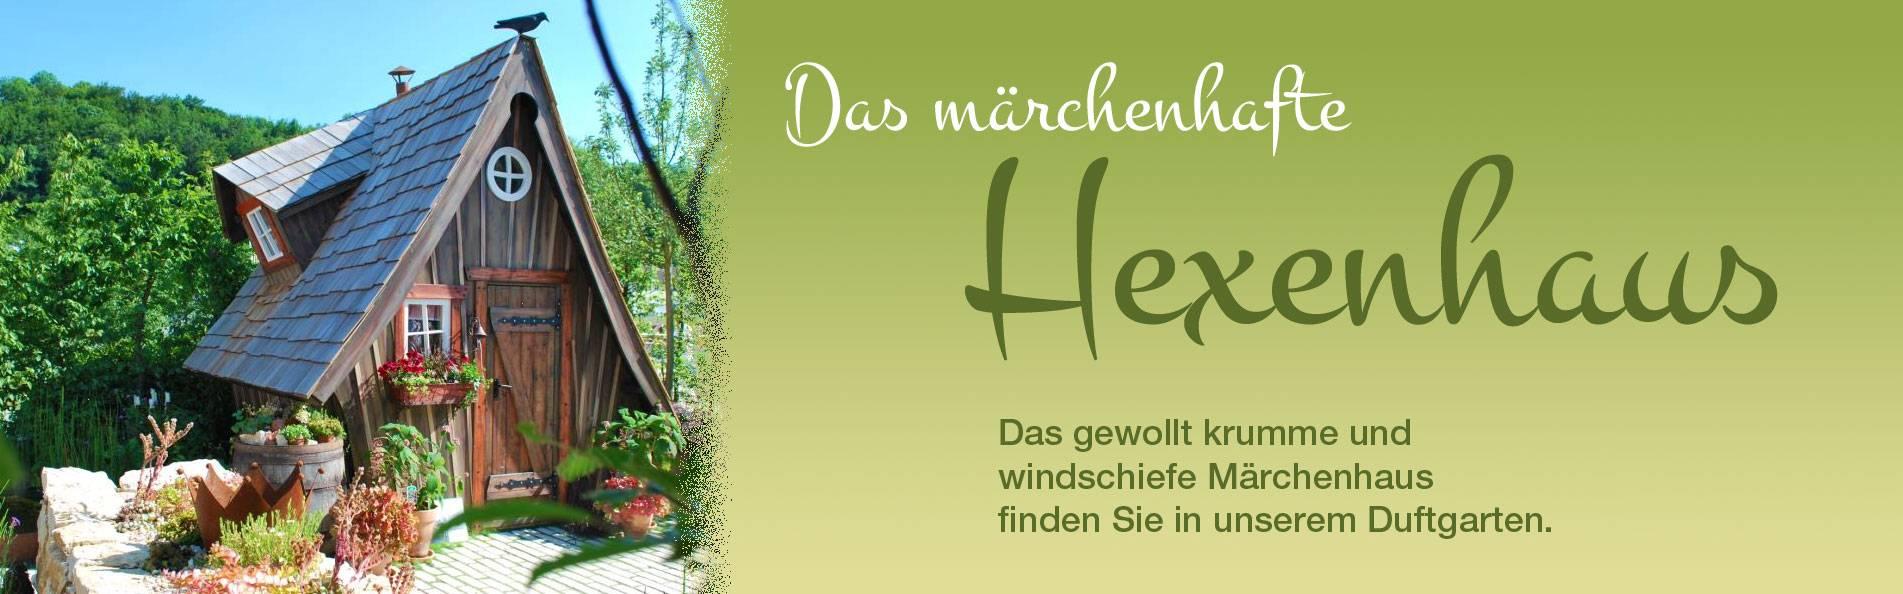 Slider_M_rchenhaus_April_2016